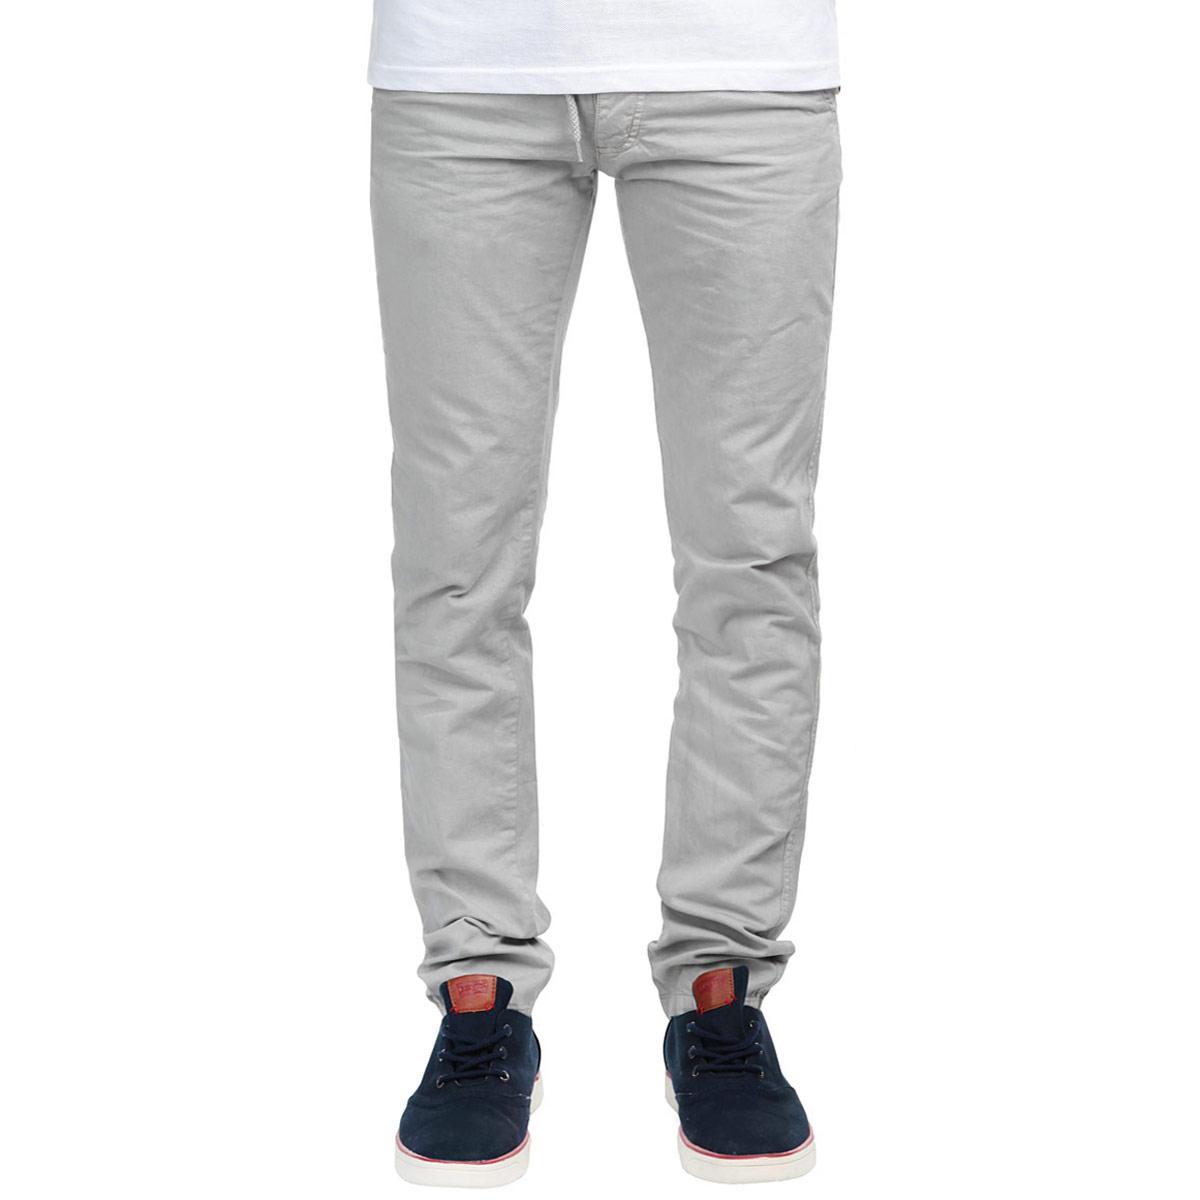 Equinoxe/ACIERСтильные мужские брюки MeZaGuZ станут отличным дополнением к вашему гардеробу. Модель прямого кроя и средней посадки изготовлена из высококачественного 100% хлопка, она великолепно пропускает воздух и обладает высокой гигроскопичностью. Застегиваются брюки на пуговицы, объем талии регулируется при помощи шнурка-кулиски. На поясе имеются шлевки для ремня. Спереди модель оформлена двумя втачными карманами и маленьким кармашком, а сзади - двумя прорезными карманами, закрывающимися на пуговицы. В комплект входит оригинальный плетеный ремень с металлической пряжкой. Эти модные и в тоже время удобные брюки помогут вам создать оригинальный современный образ. В них вы всегда будете чувствовать себя уверенно и комфортно.